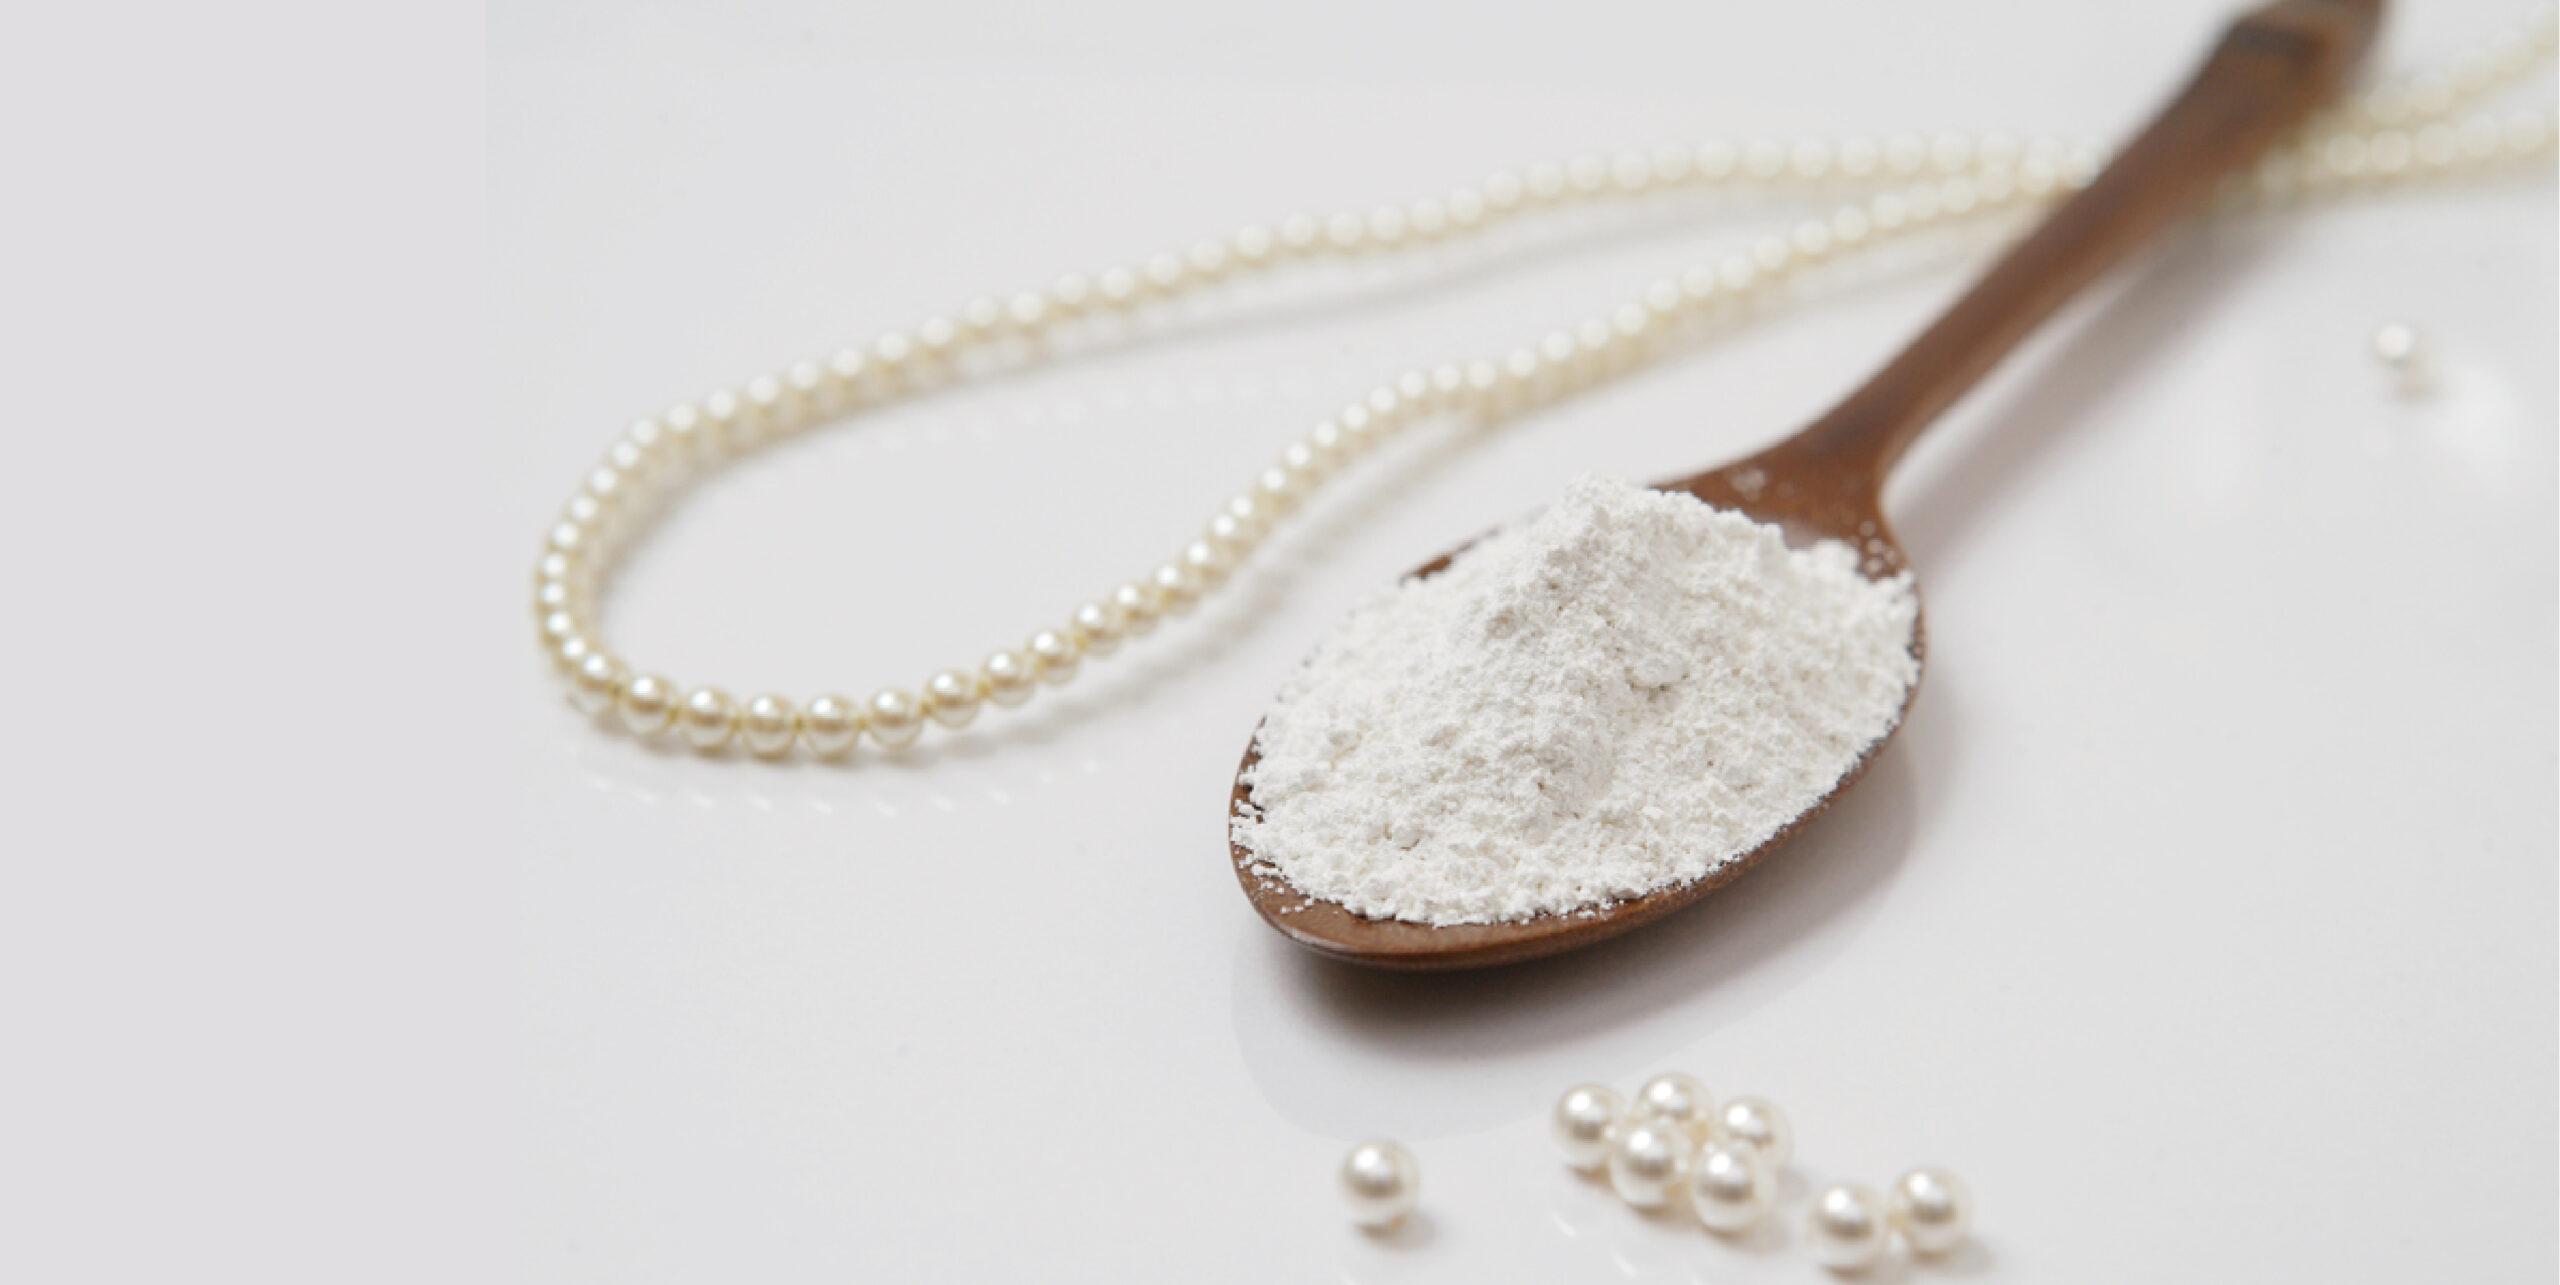 懷孕為什麼要吃珍珠粉?可以去胎毒? 珍珠粉功效、解胎毒食物方法整理